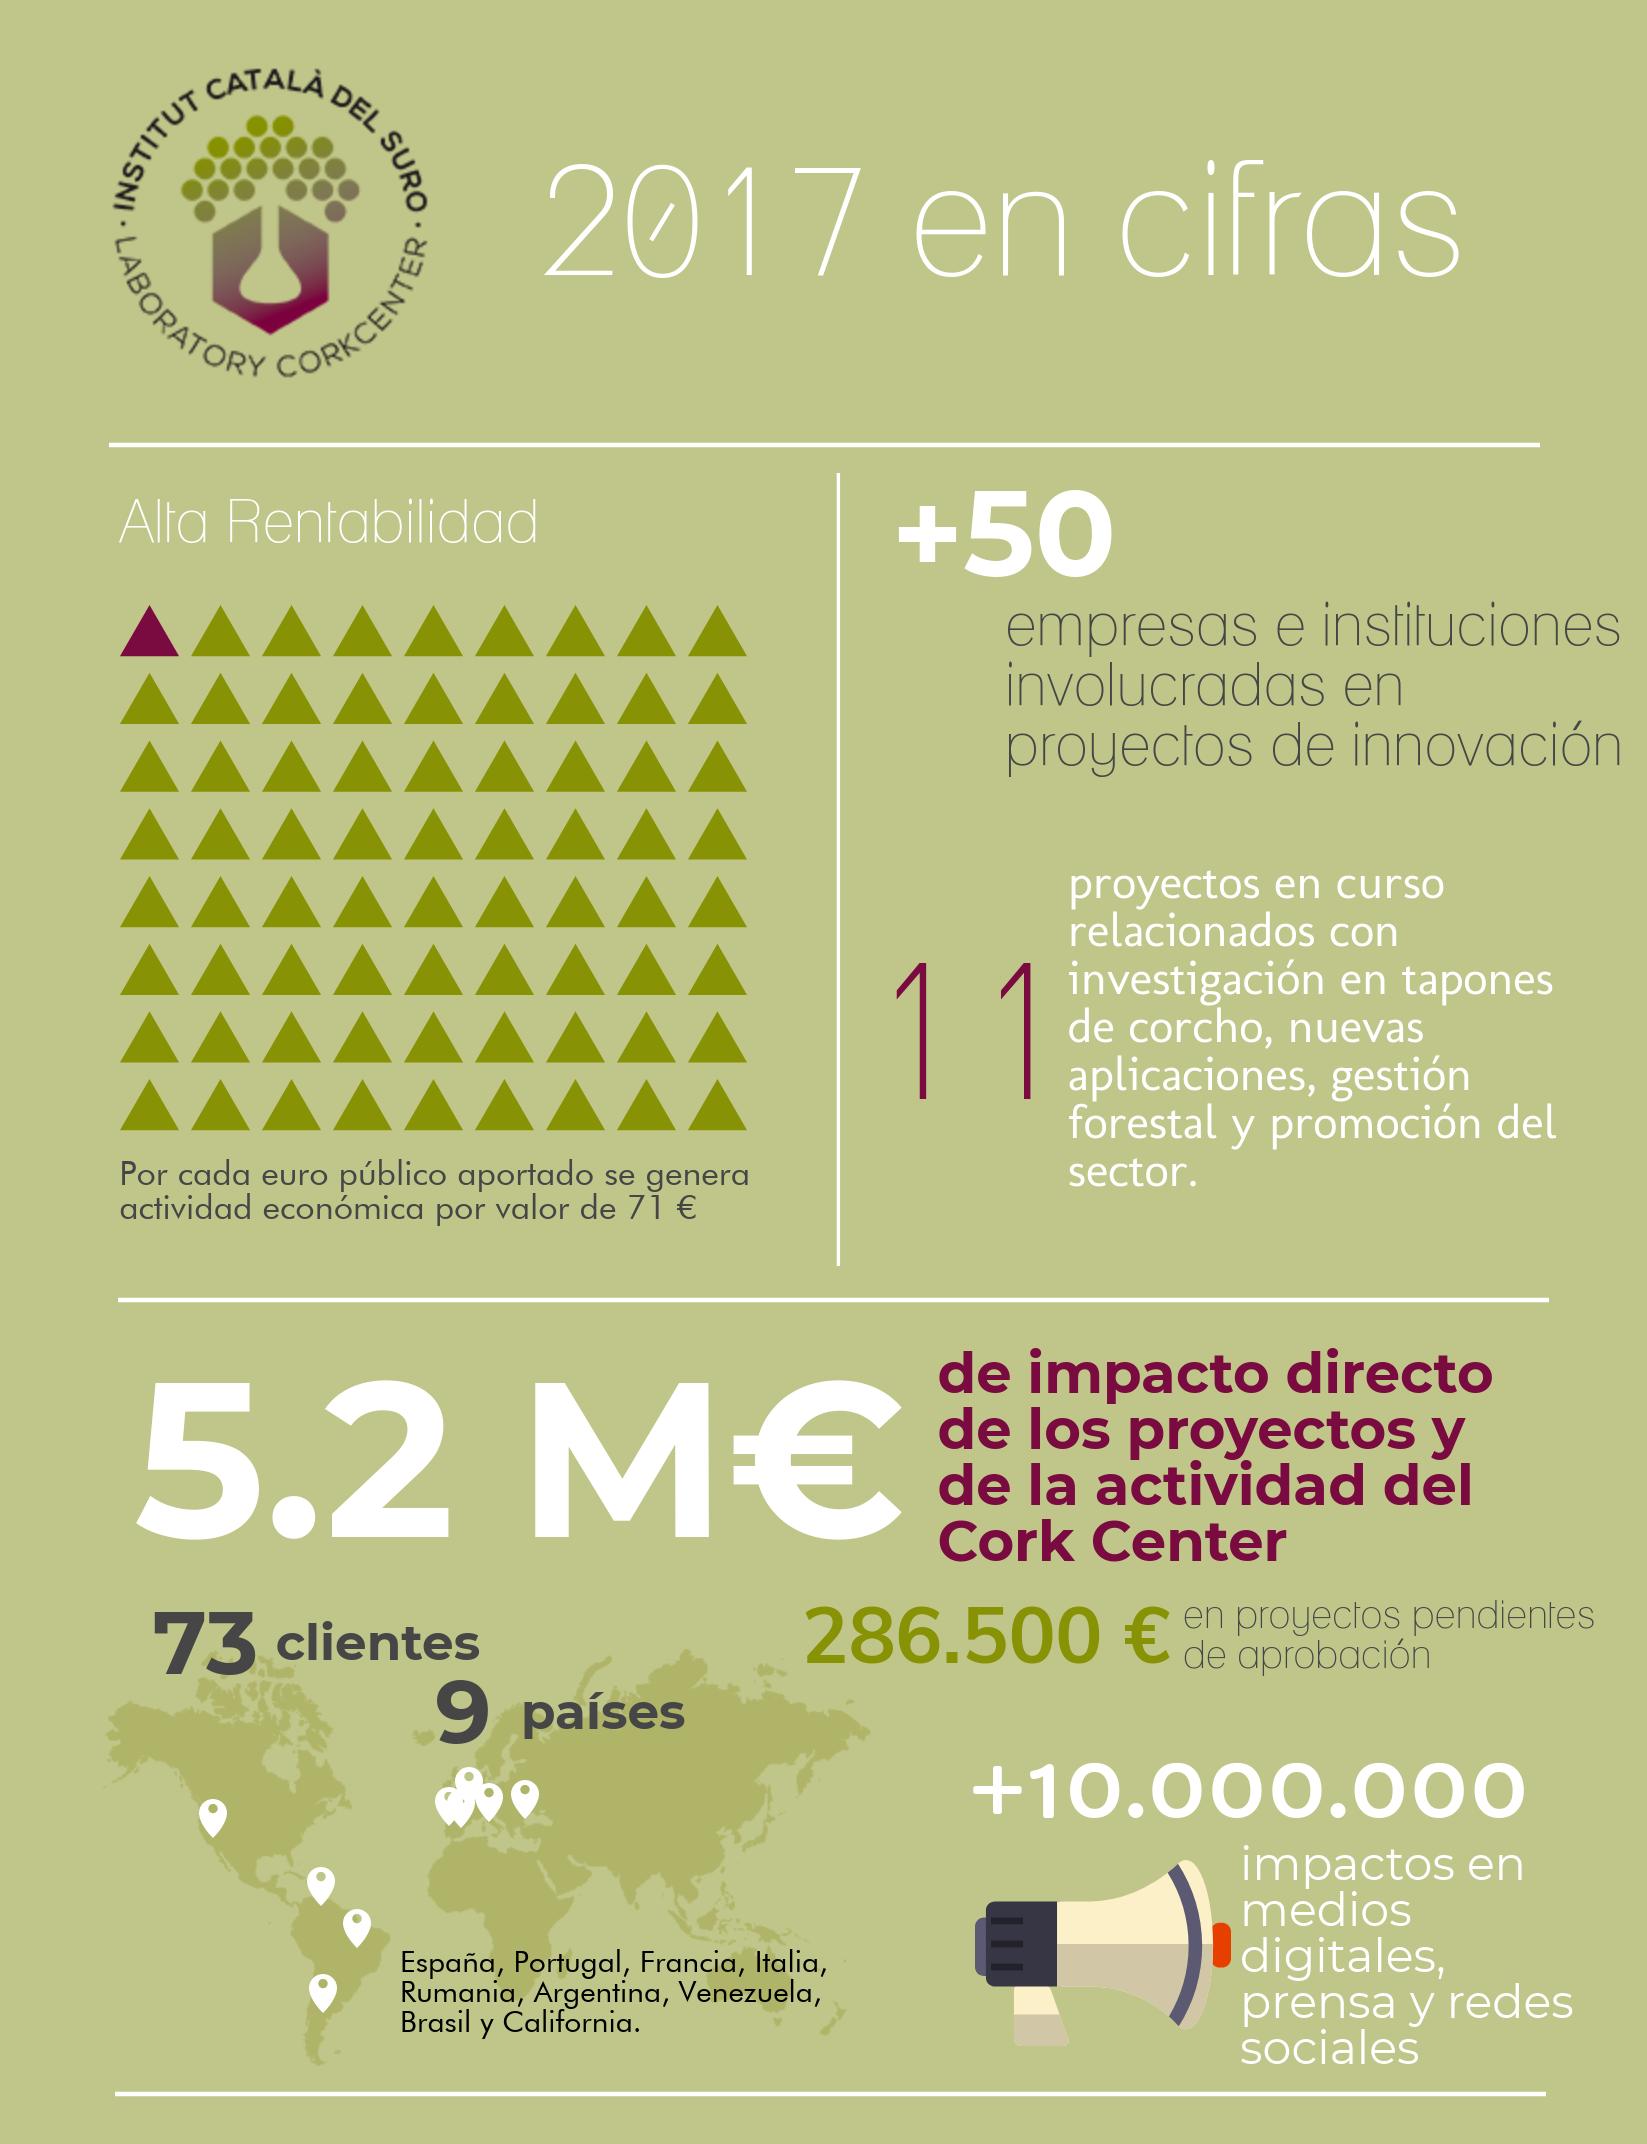 2017 en cifras - ICSuro